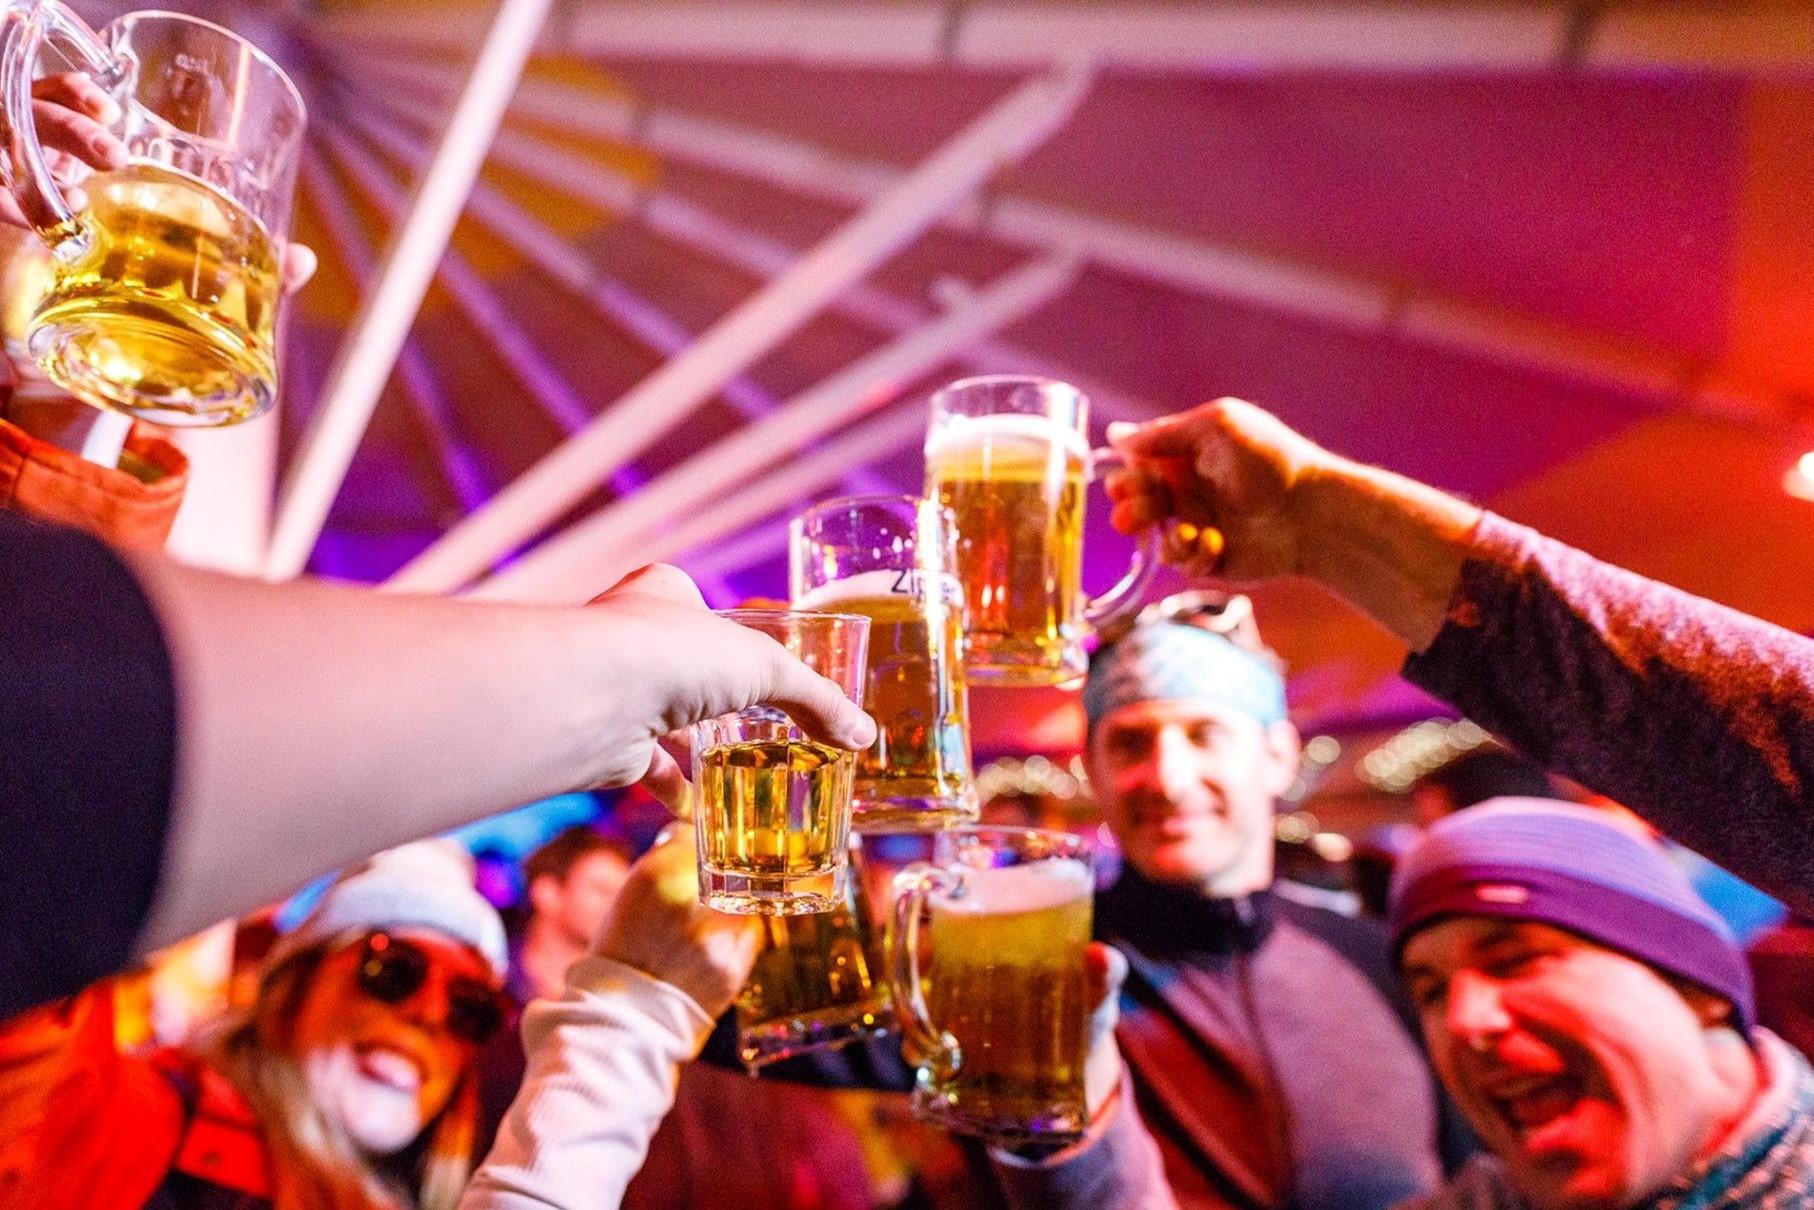 ALL-IN DRANKFORMULE#In de SnowBite Mansion softs, bier en wijn à volonté